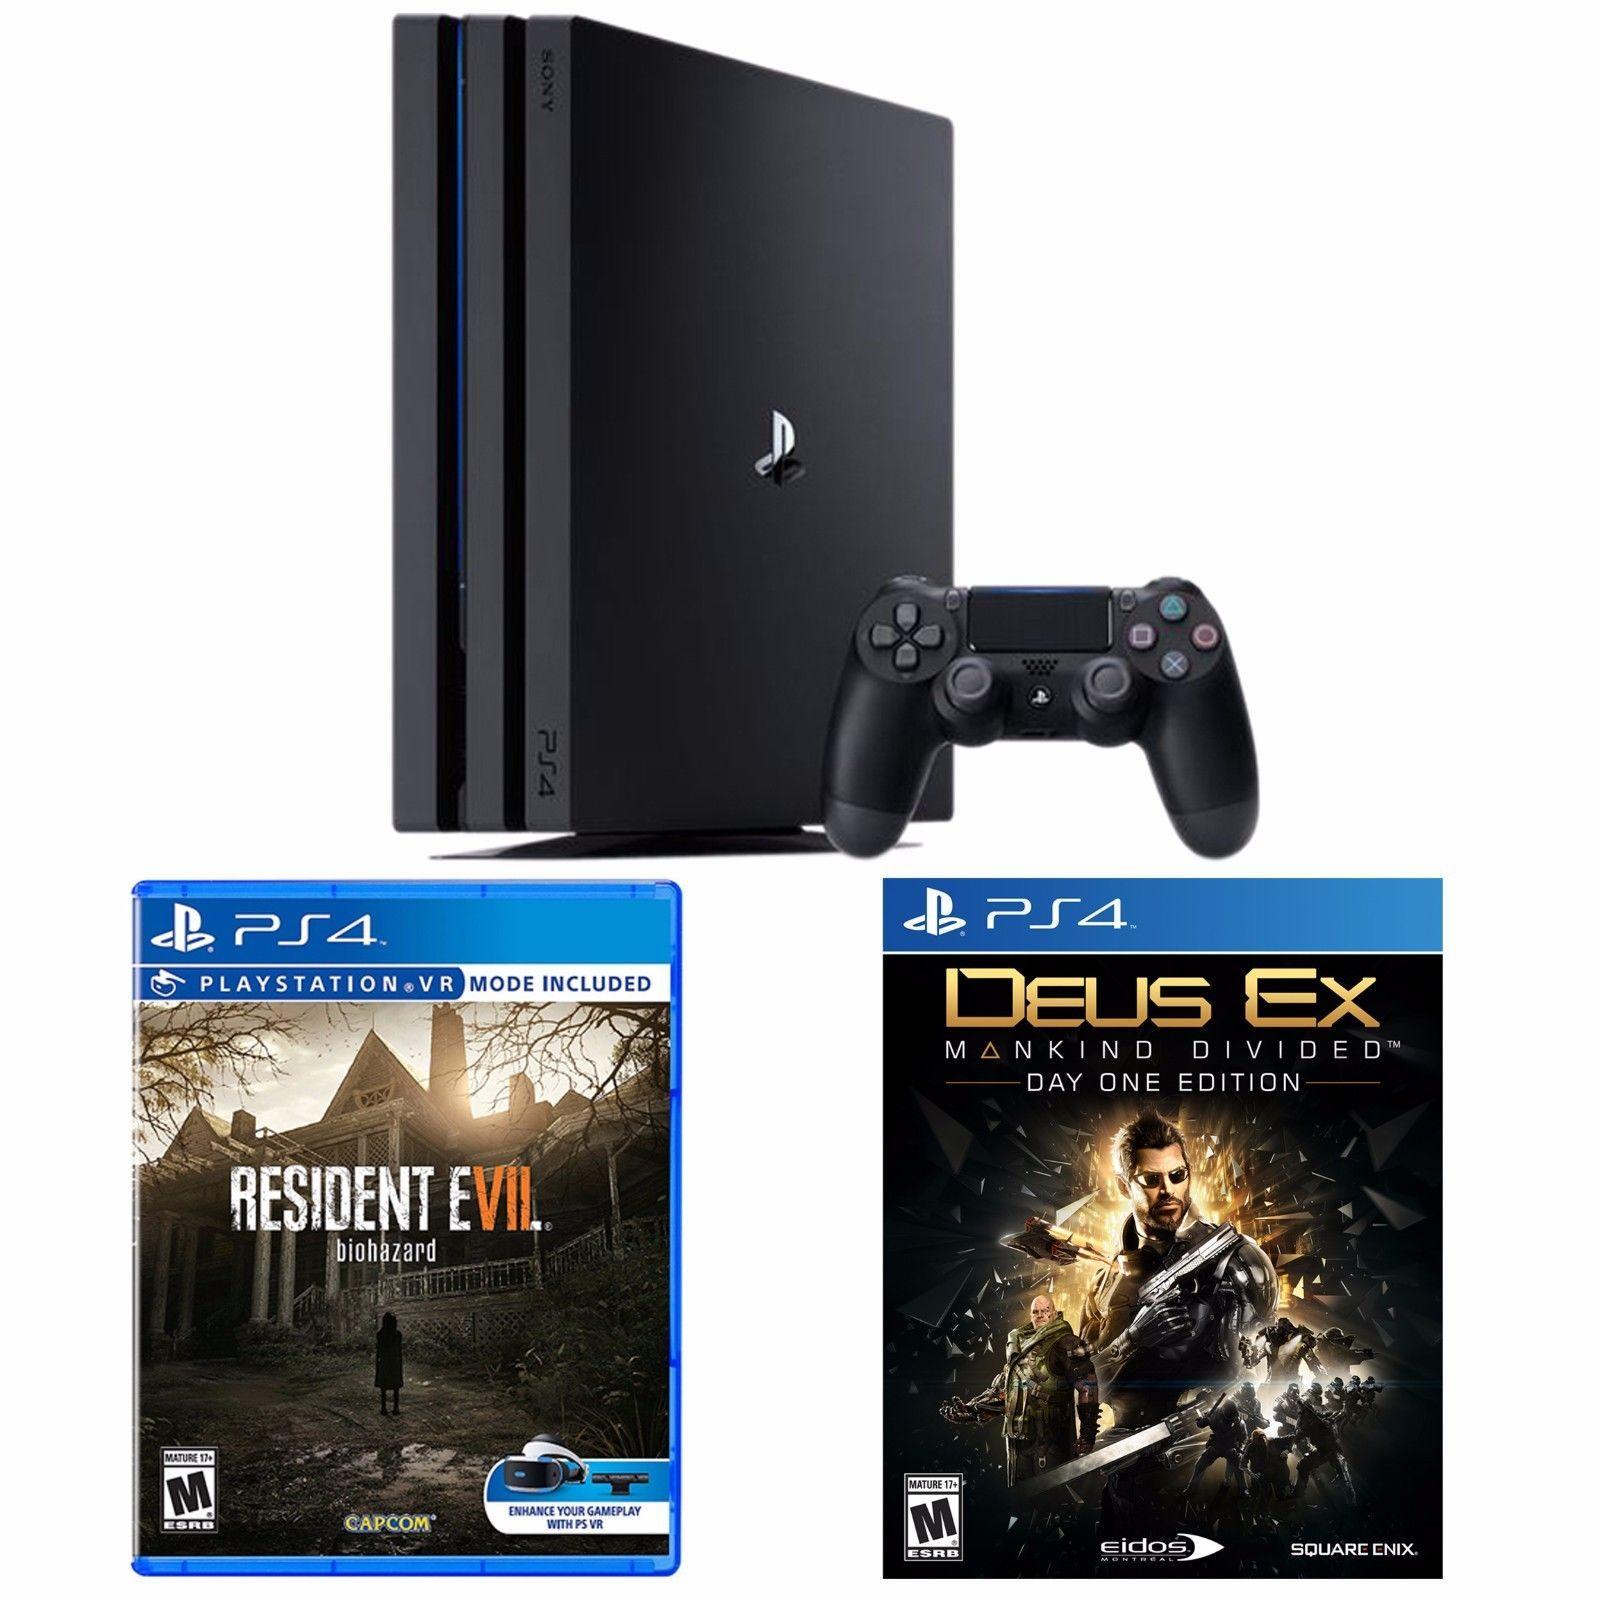 Playstation 4 Pro 1tb Console Resident Evil 7 Biohazard Deus Ex Mankind Divided Deus Ex Mankind Deus Ex Mankind Divided Playstation